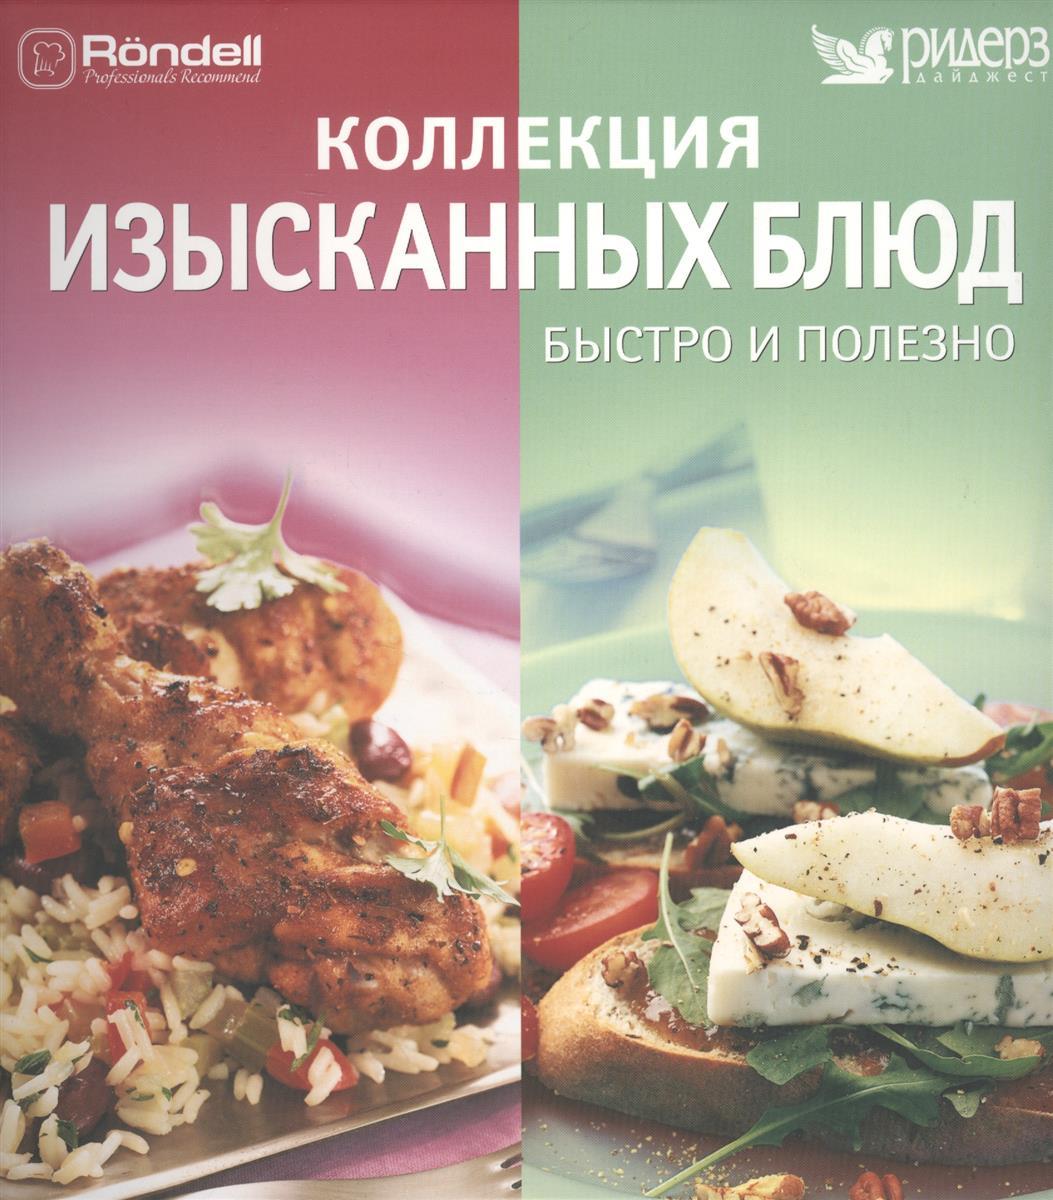 Третьяк М. (ред.) Коллекция изысканных блюд: быстро и полезно